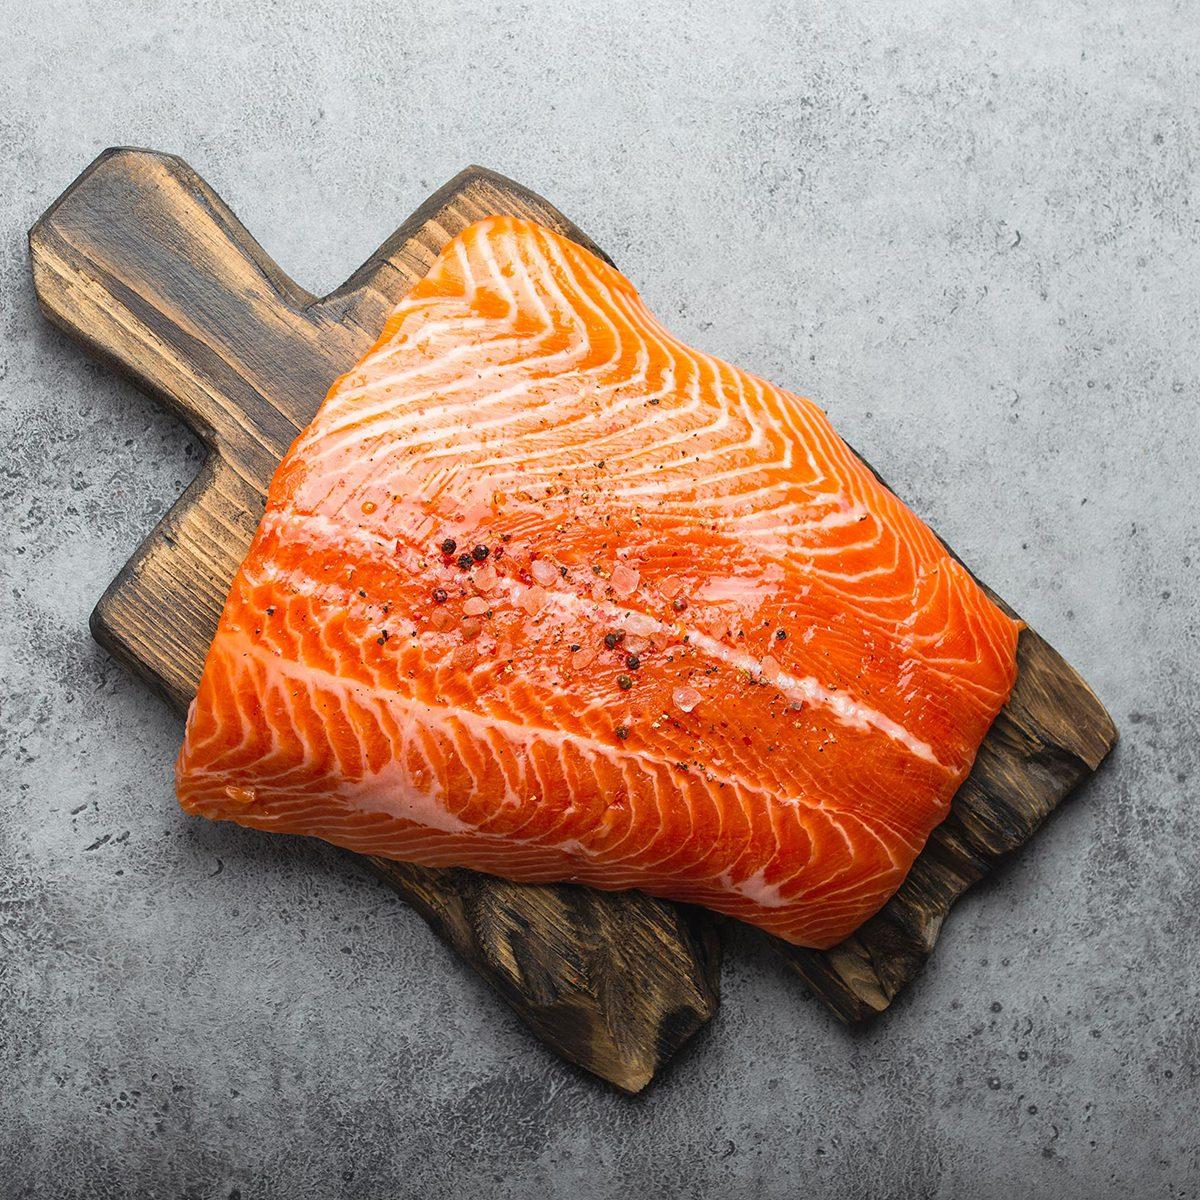 Salmon on a cutting board